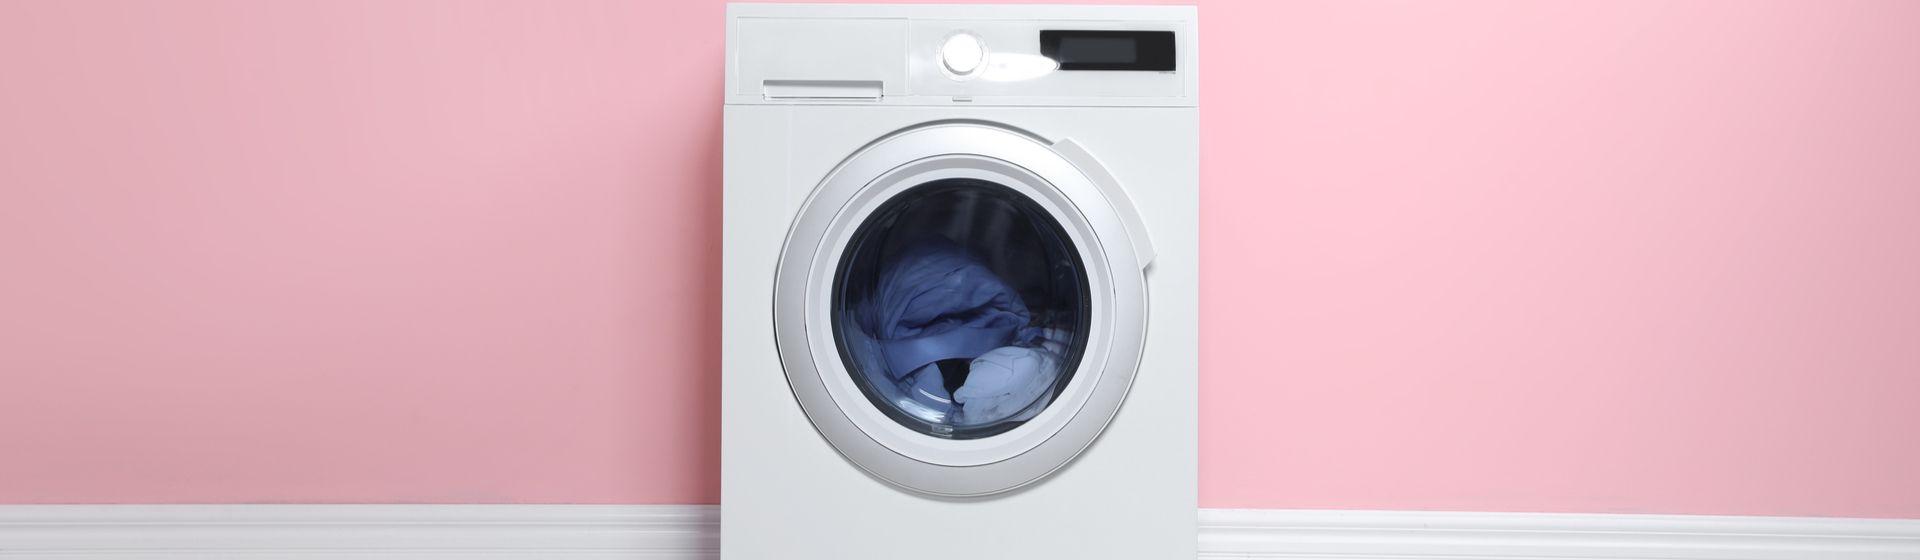 Como usar máquina de lavar? Confira o passo a passo